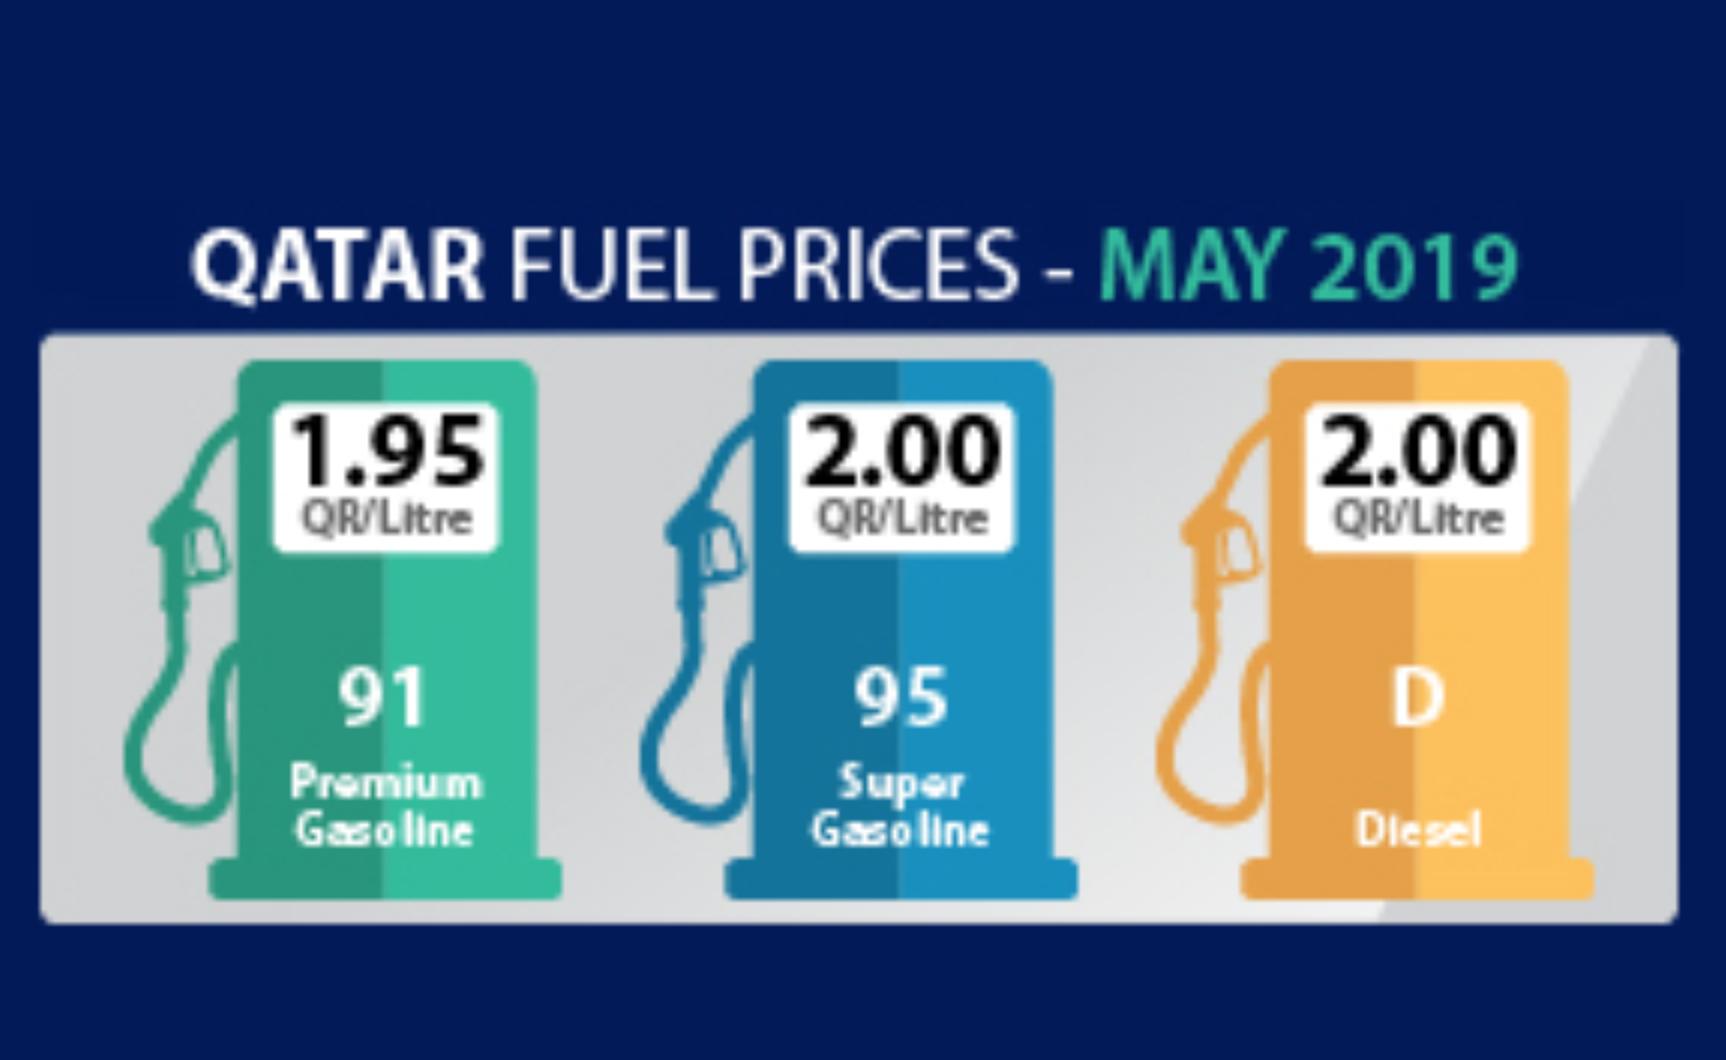 أسعار البترول ترتفع مجددا لشهر مايو